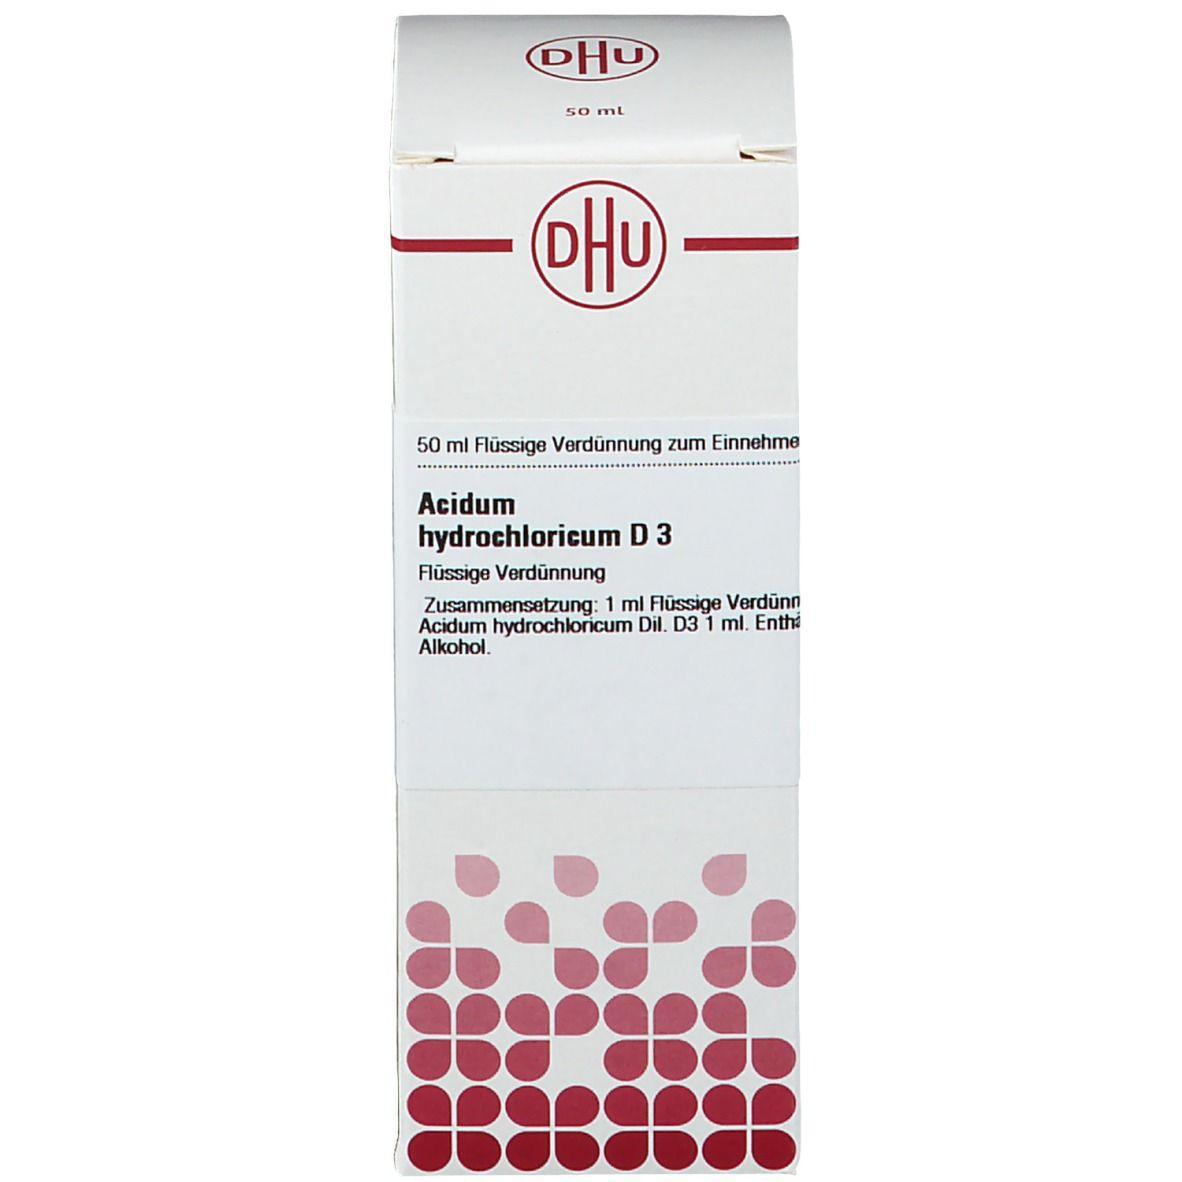 DHU Acidum Hydrochloricum D3